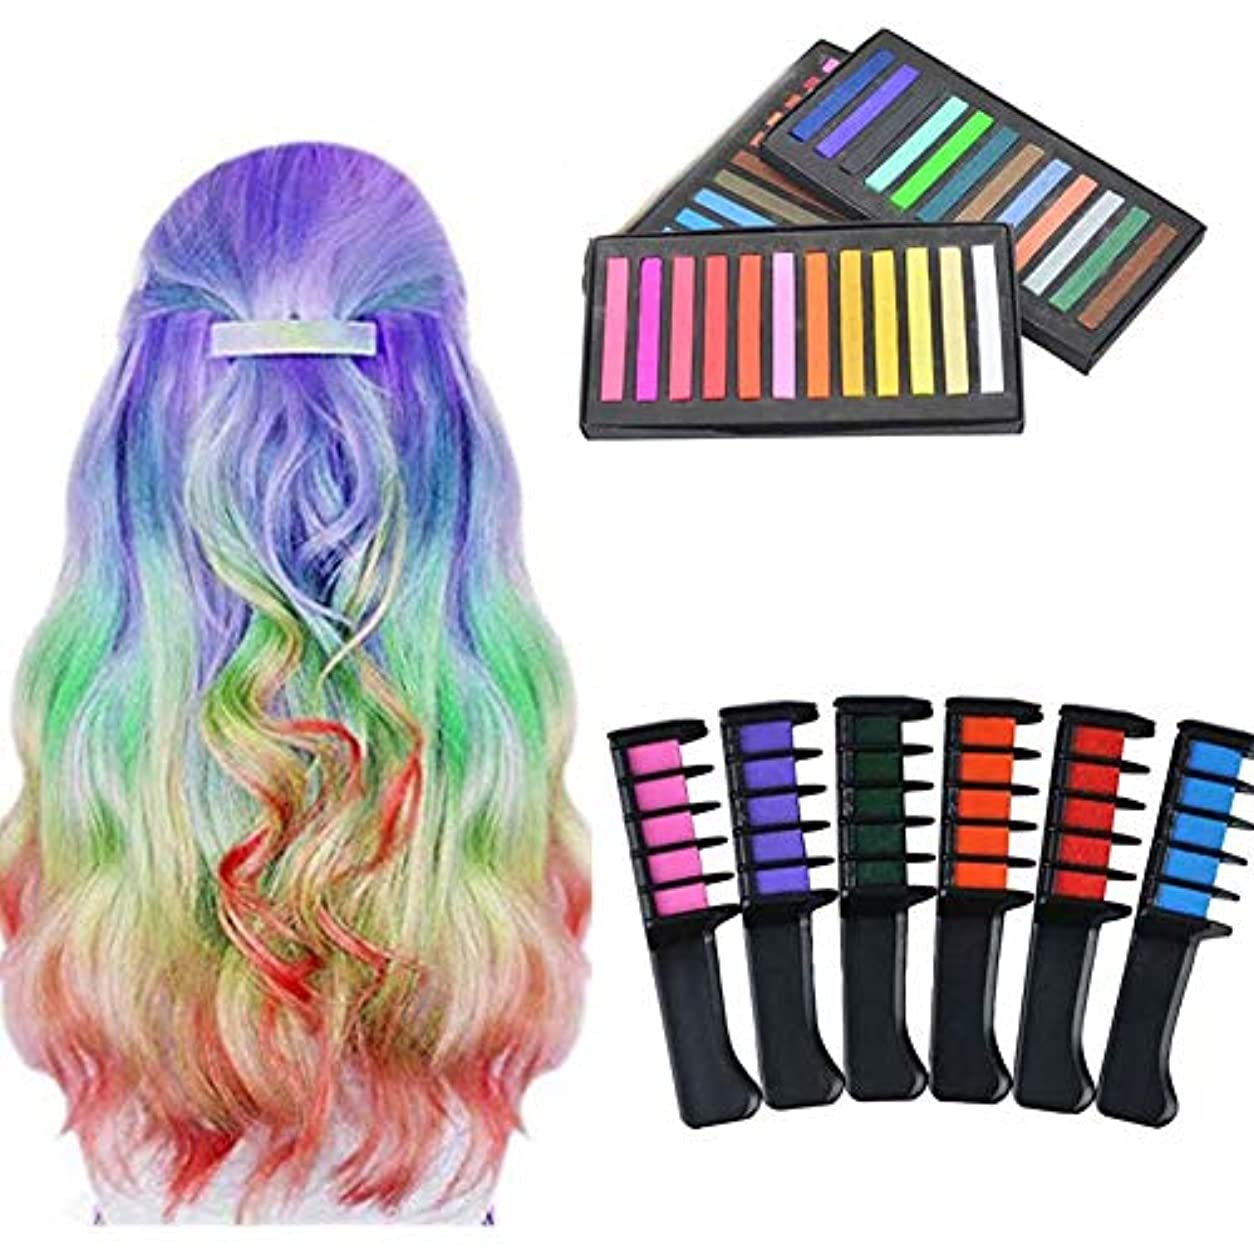 キッズパーティー洗える髪染めペットキット(6色+ 36色ヘアスティック)のための髪染料チョーク櫛一時的な色